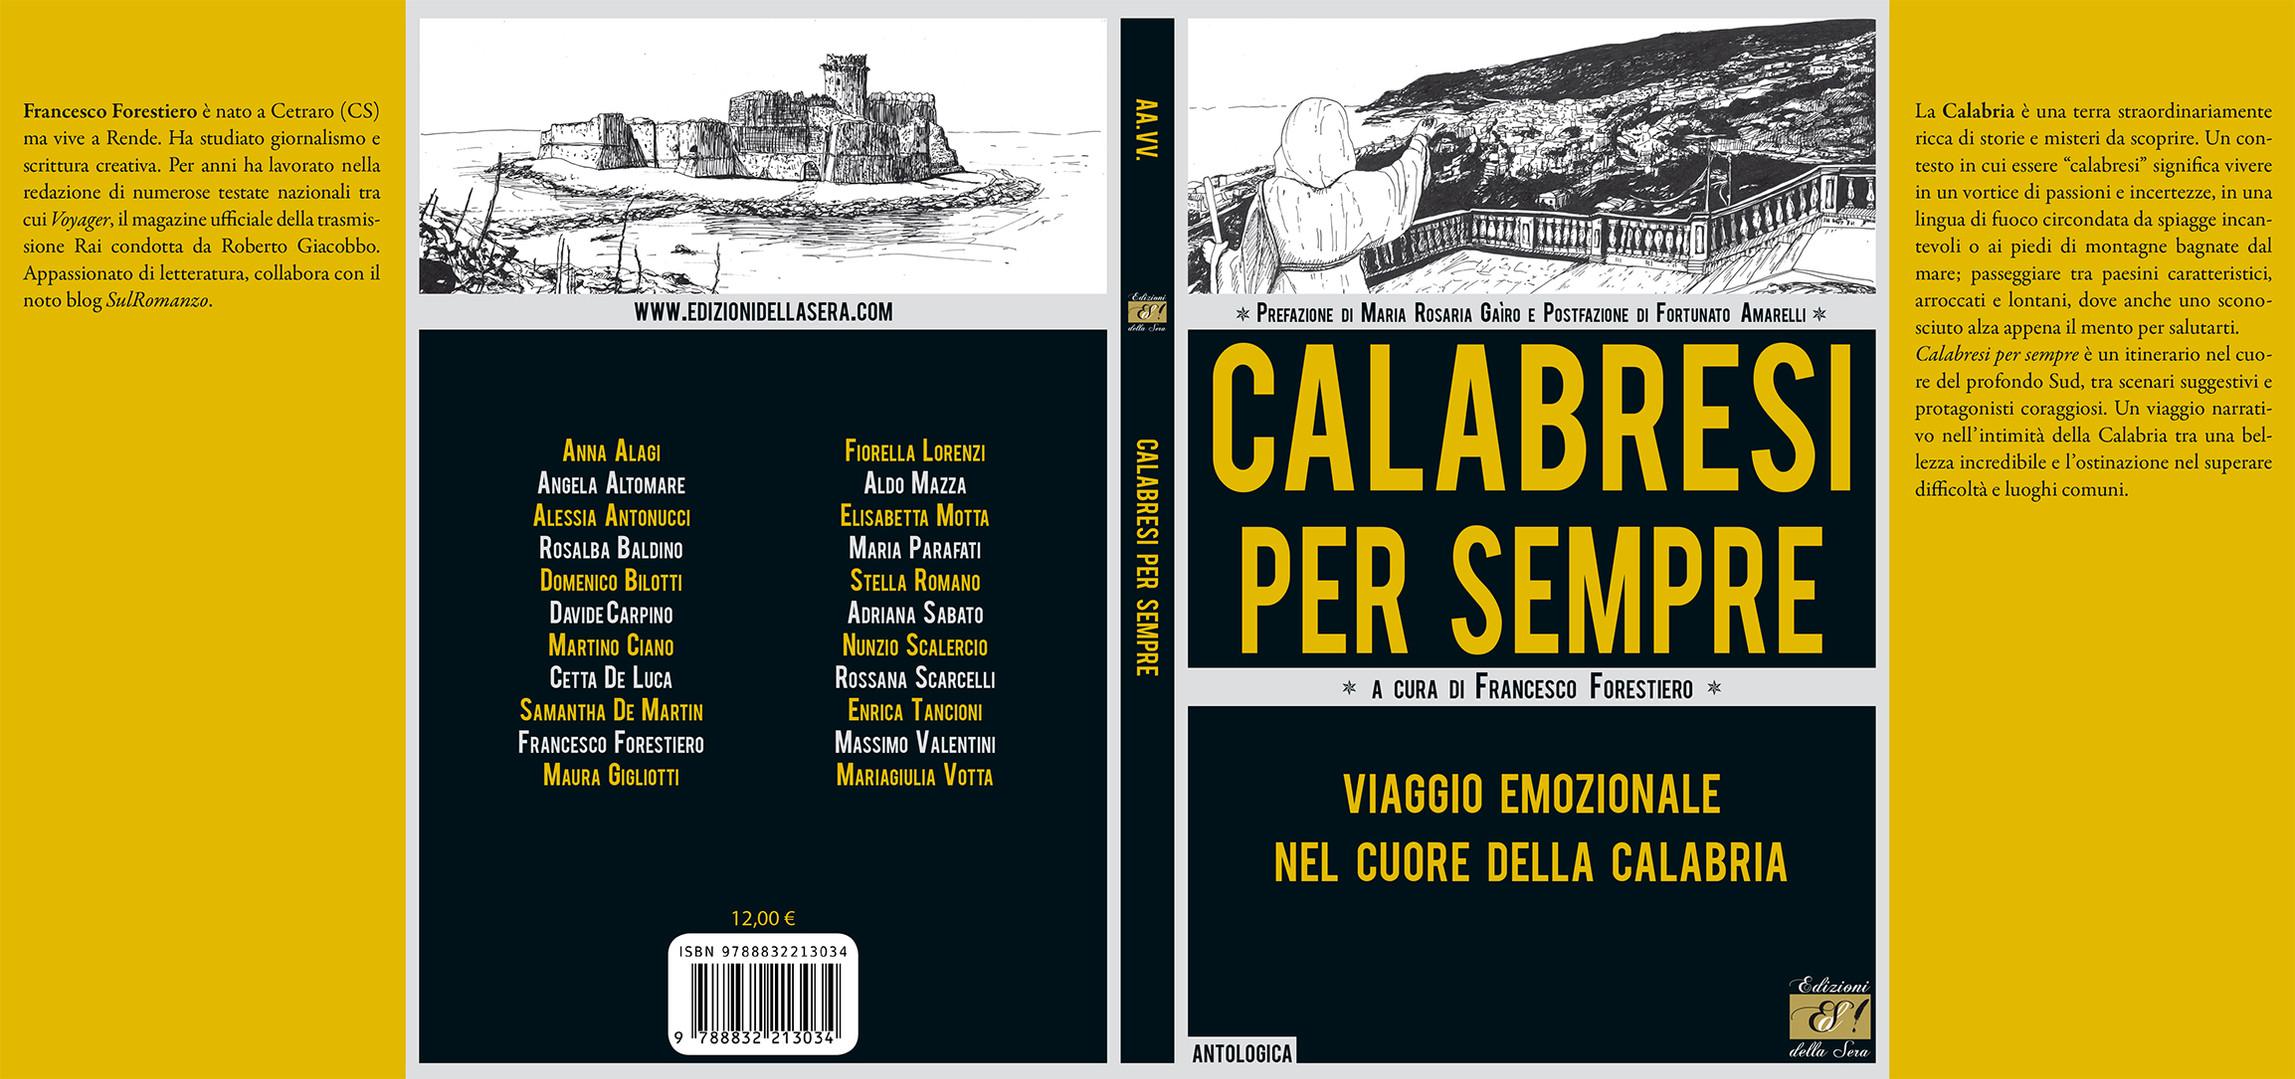 Cop Calabresi per sempre_2019.jpg